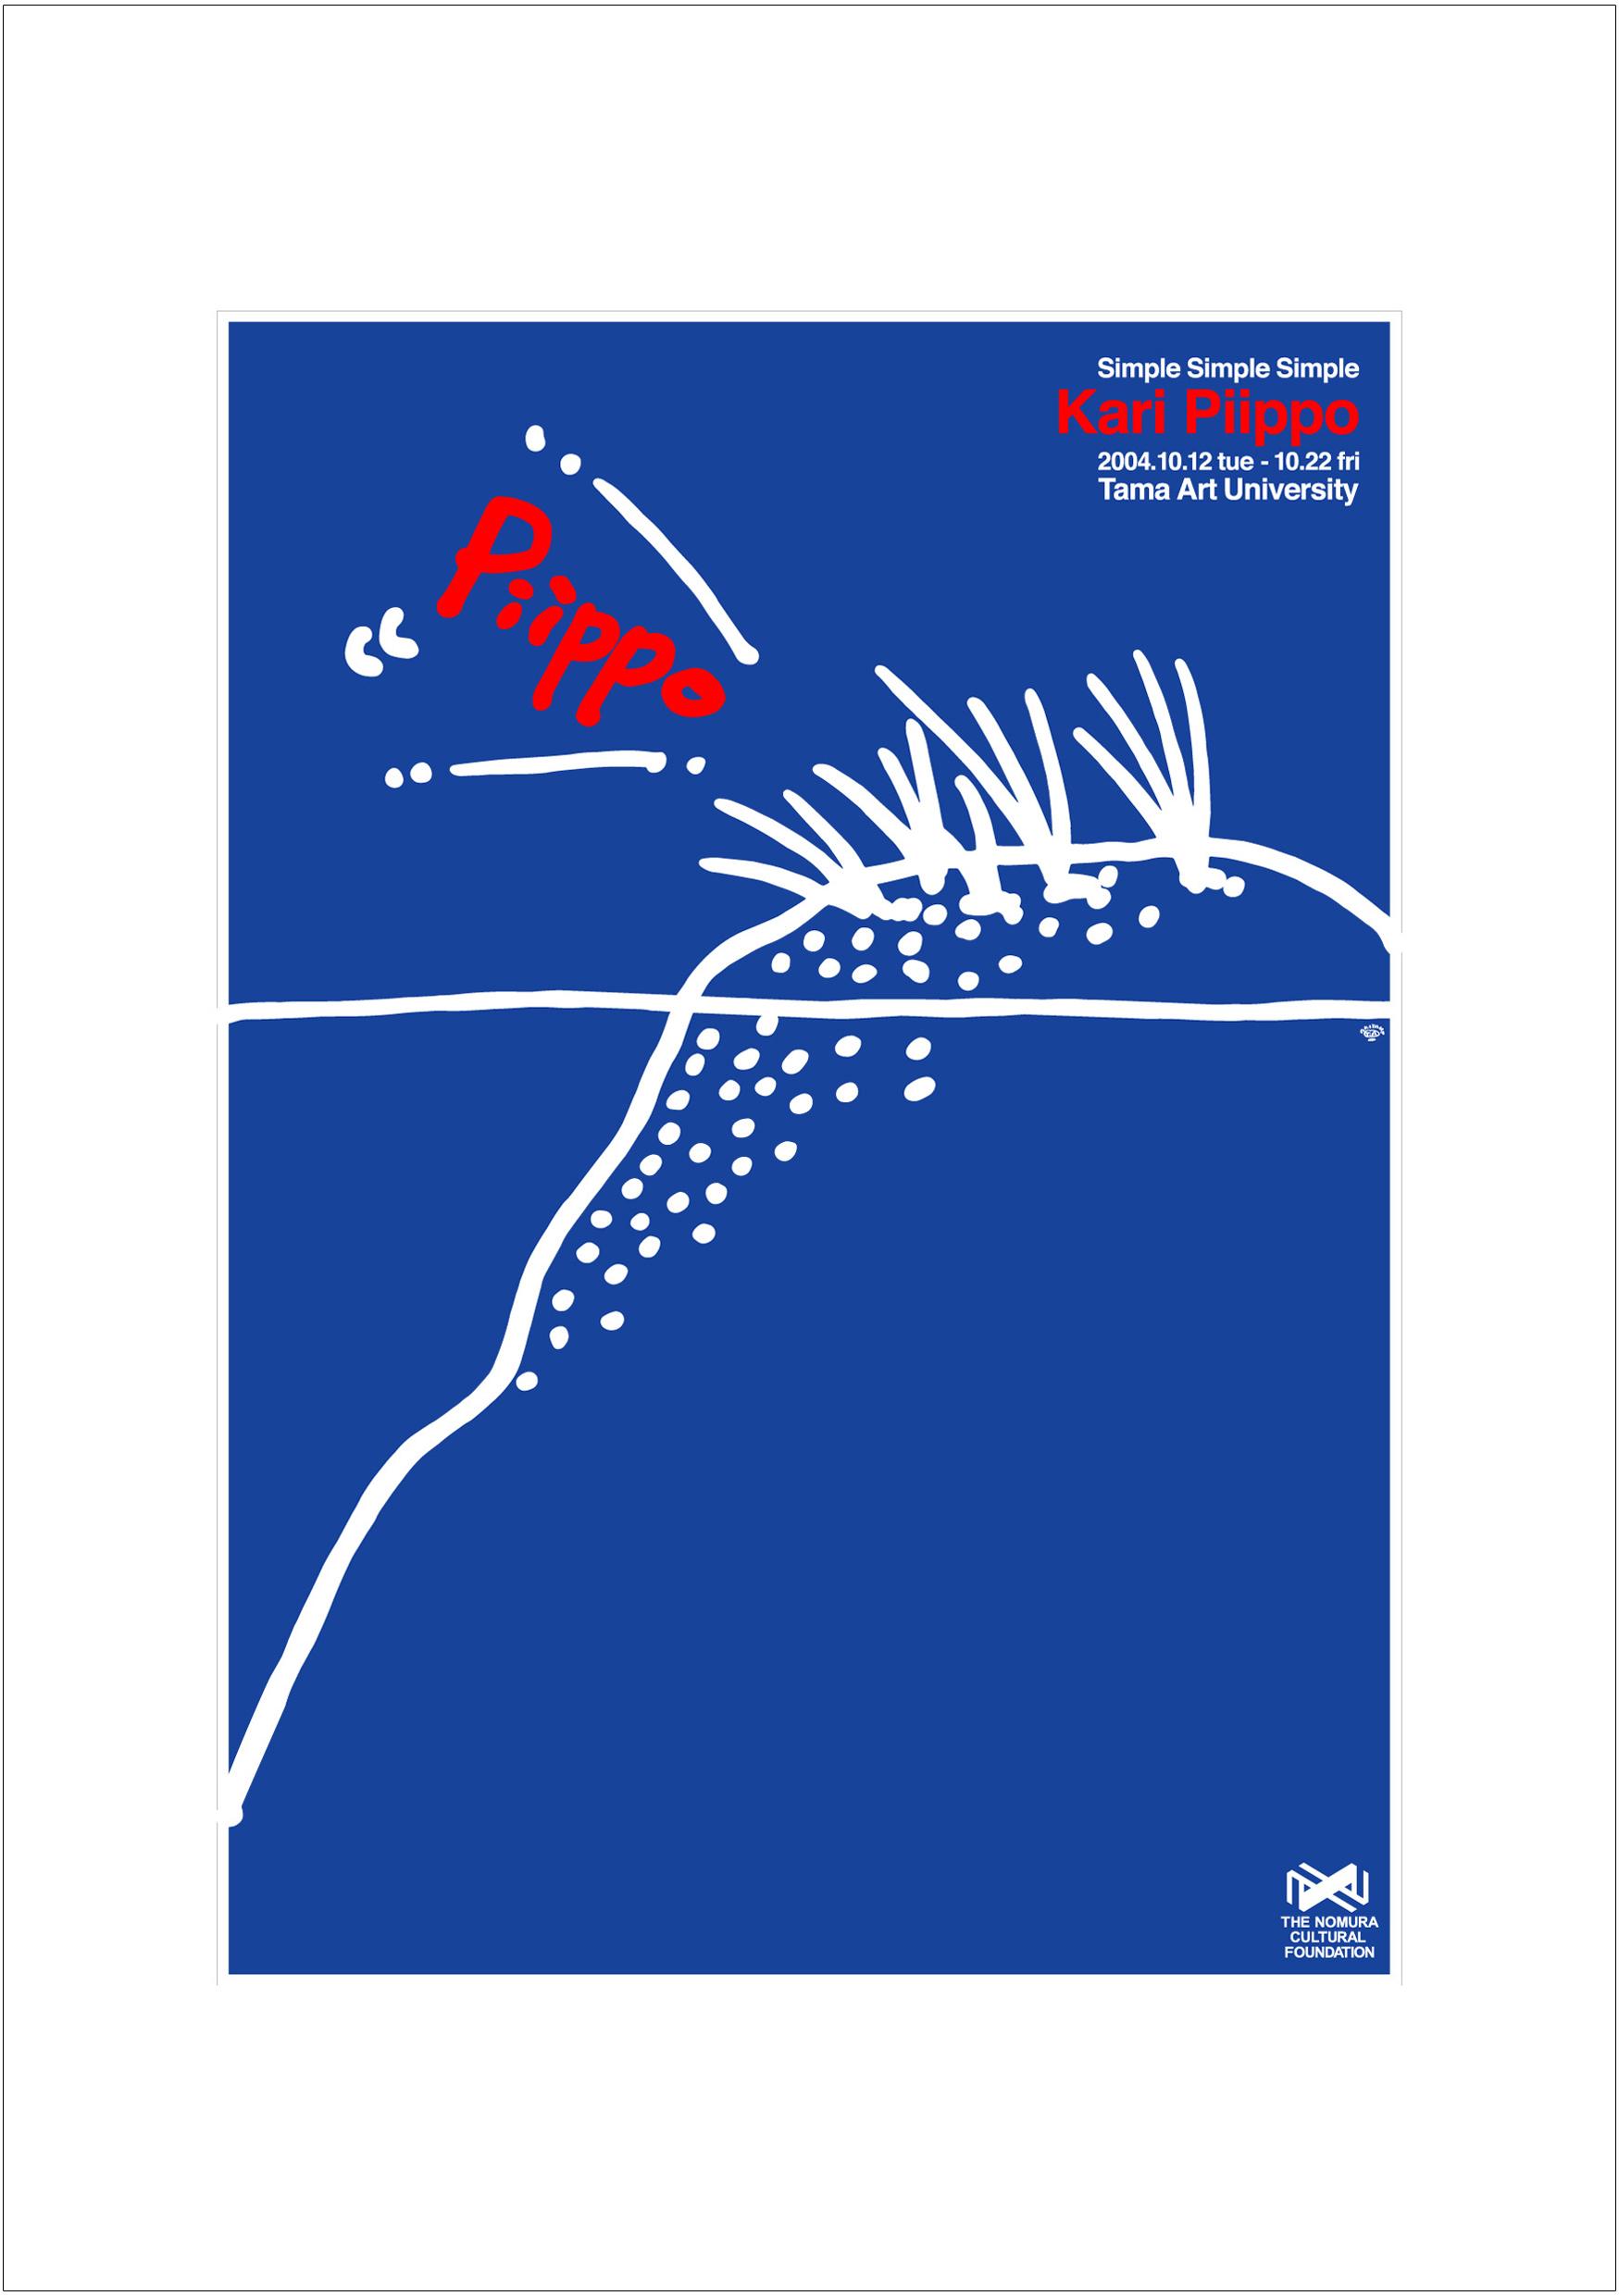 ポスターアーティスト秋山孝が2004年に制作したアートカード「アートカード ポスター 2004 08」